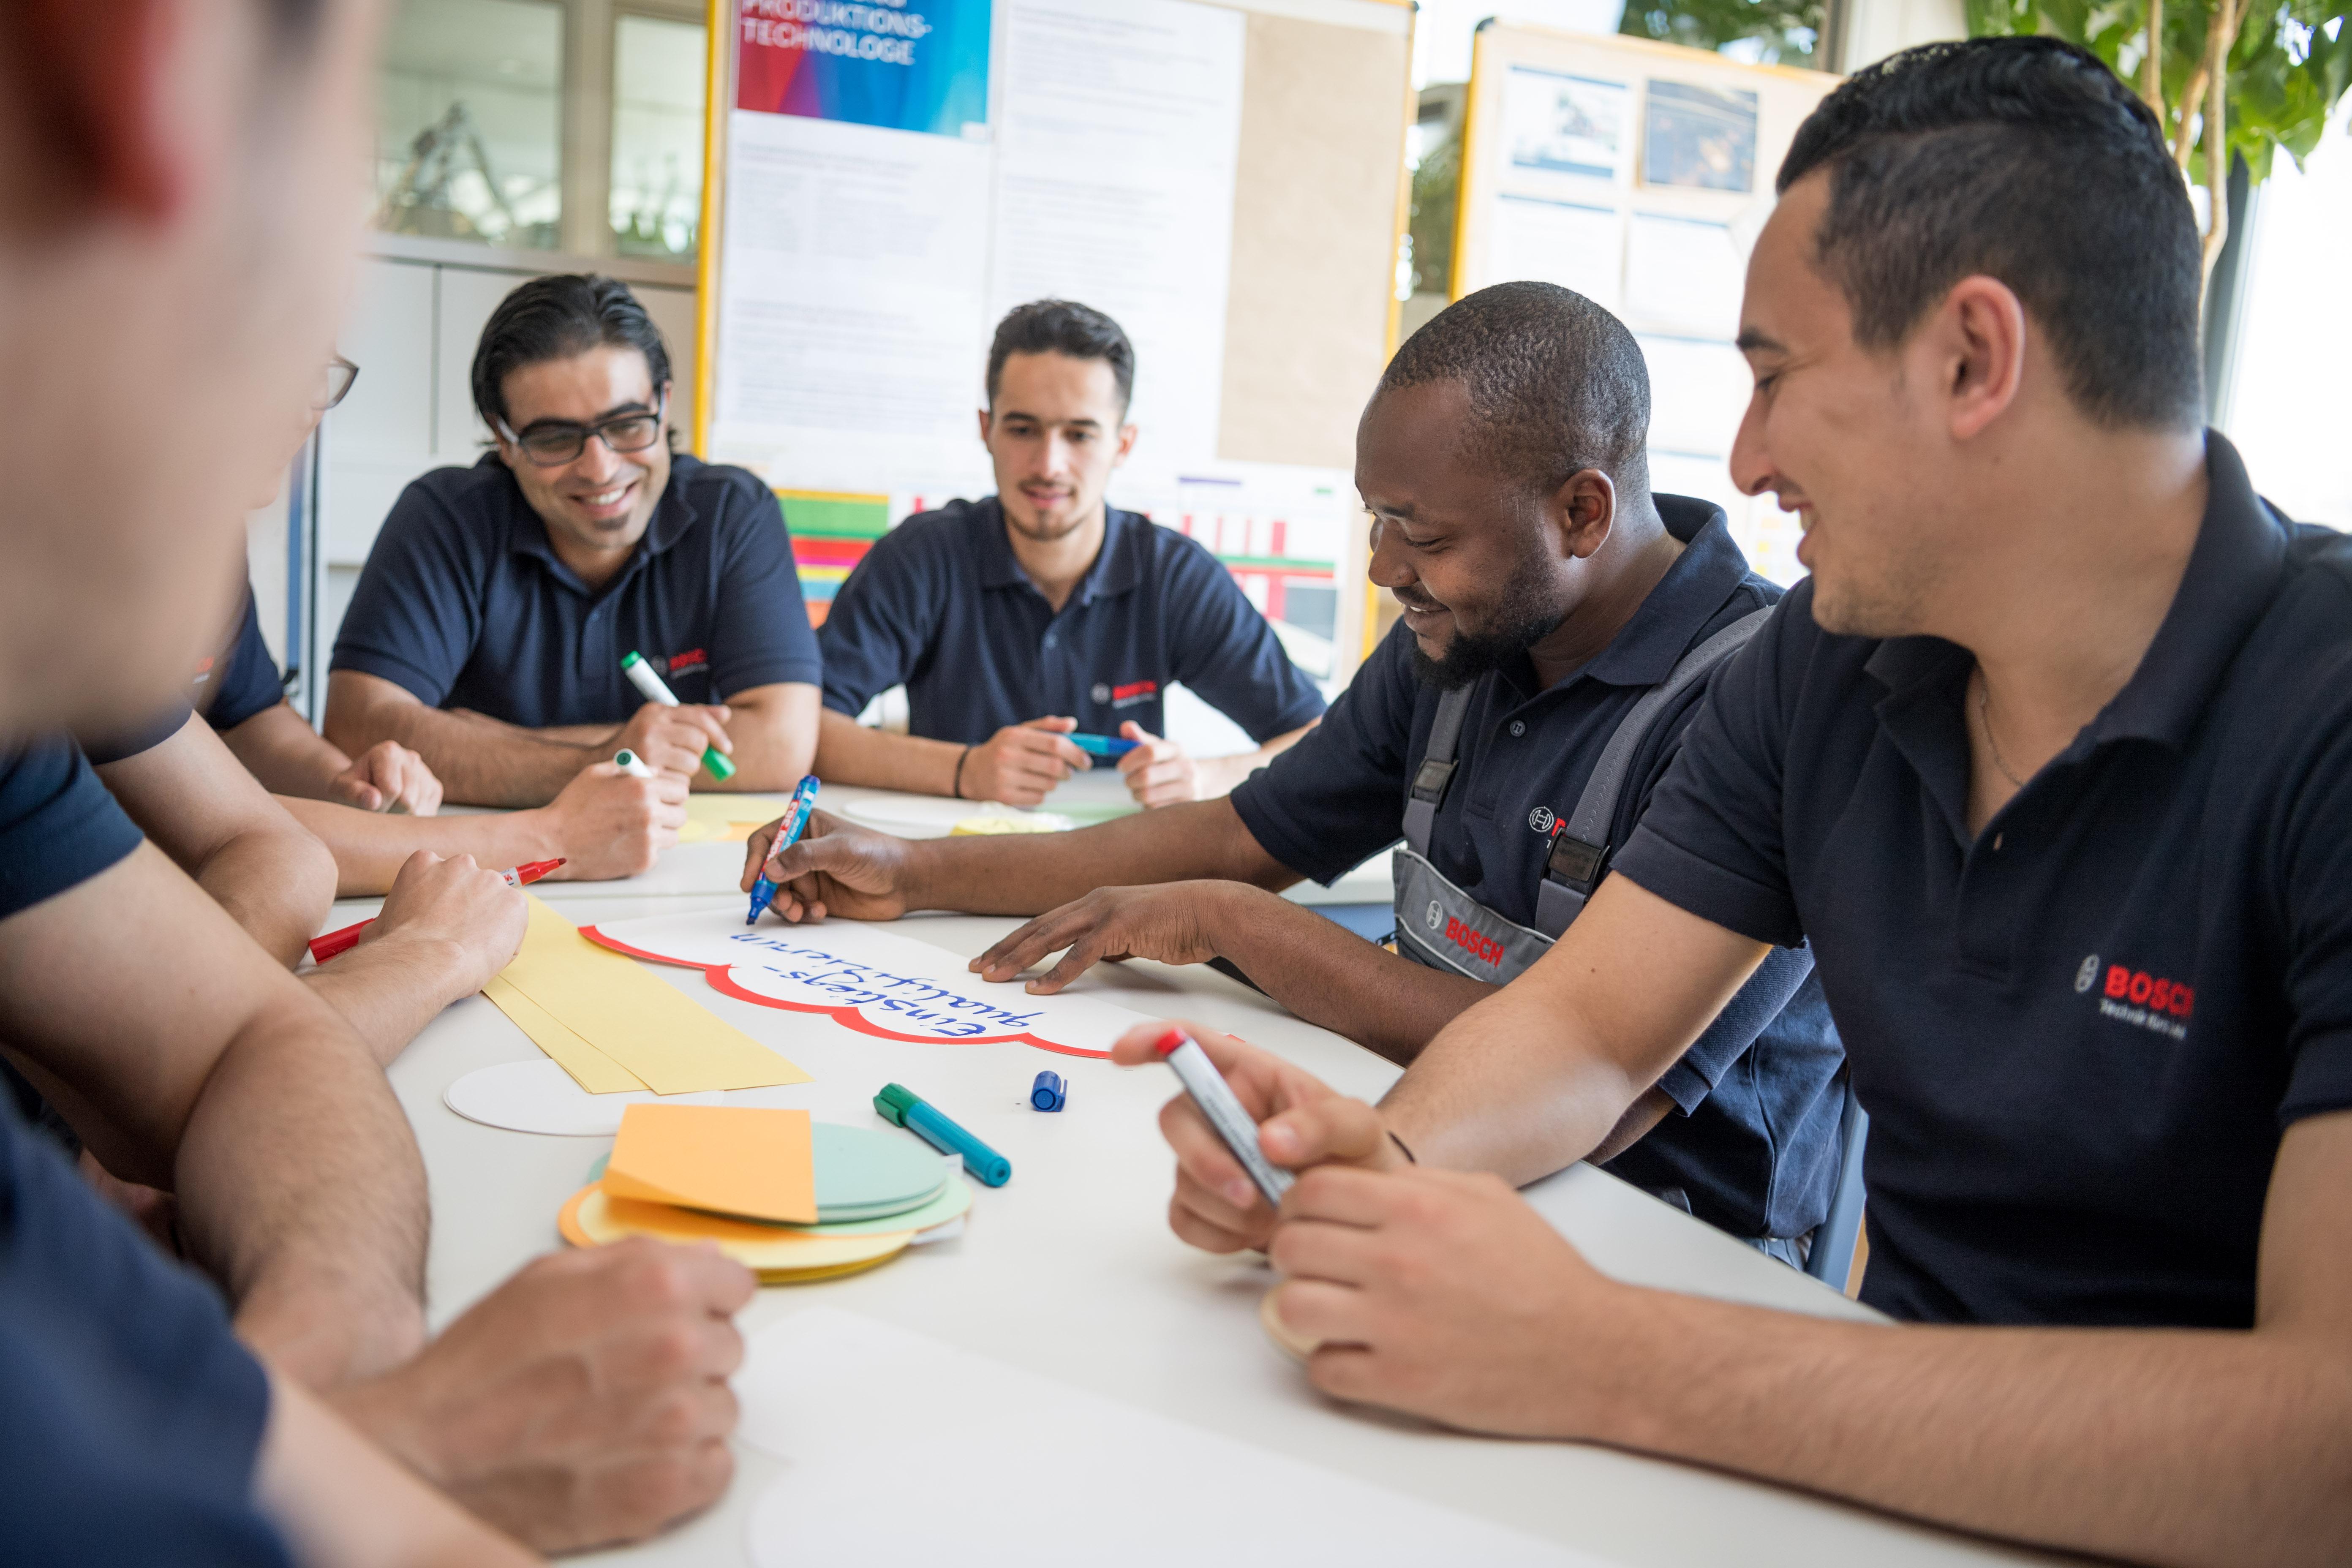 Flüchtlingsintegration Qualifizierung von Flüchtlingen in Feuerbach